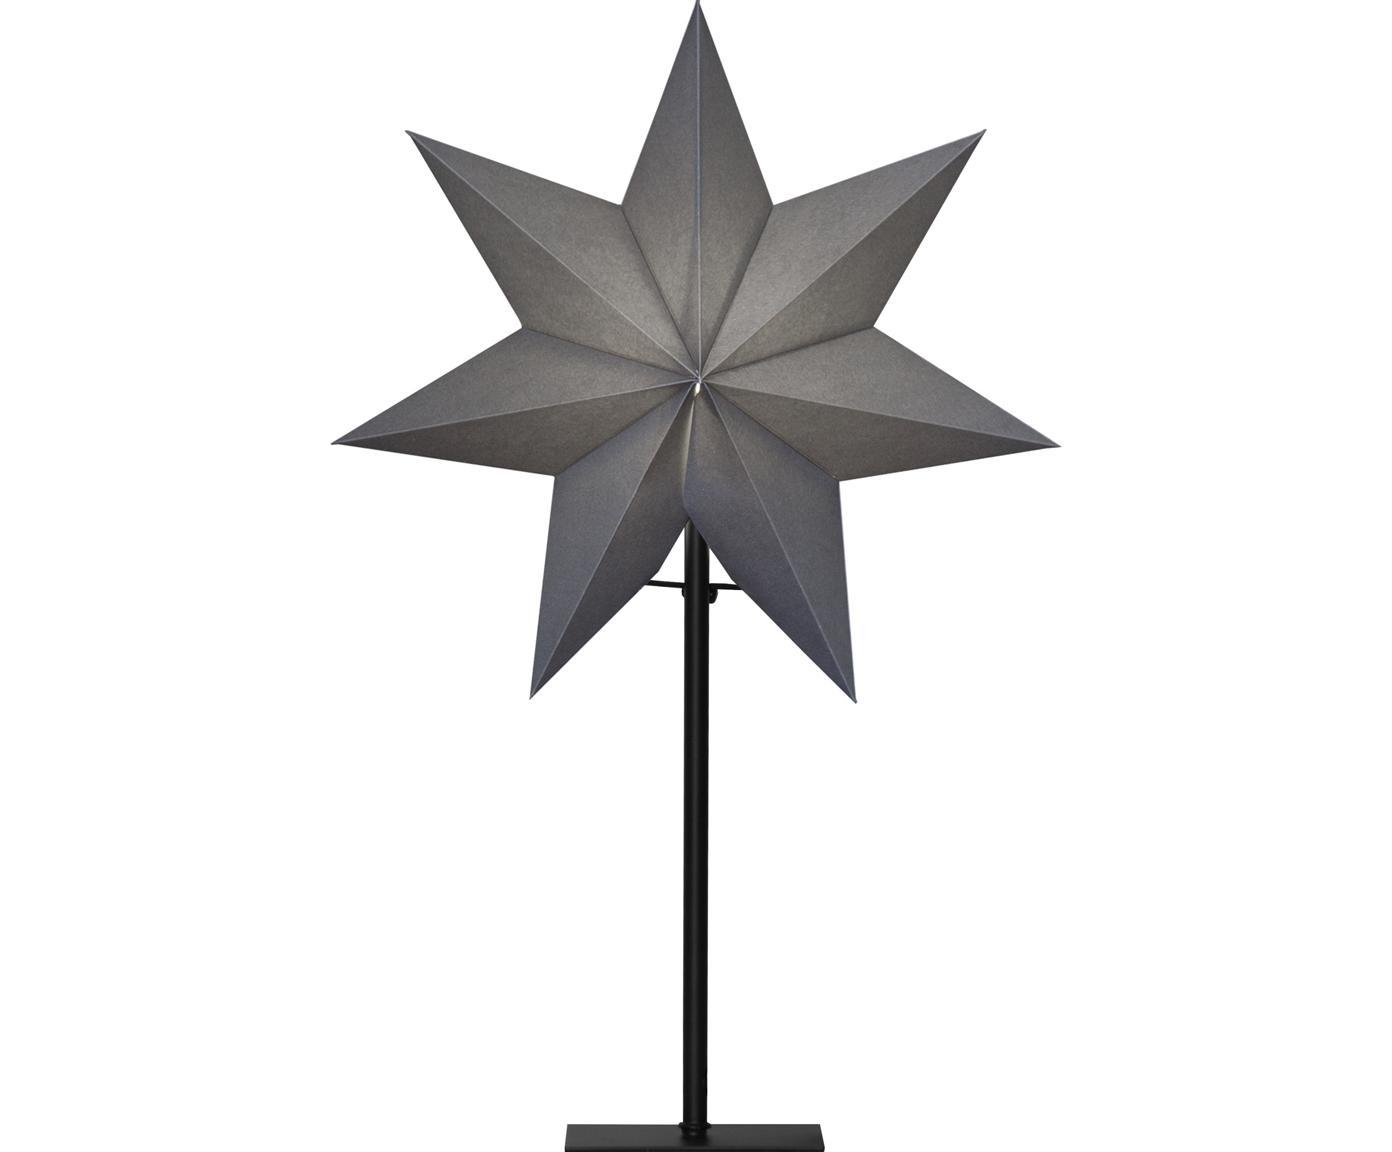 Lampa dekoracyjna z wtyczką Frozen, Szary, czarny, S 34 x W 55 cm